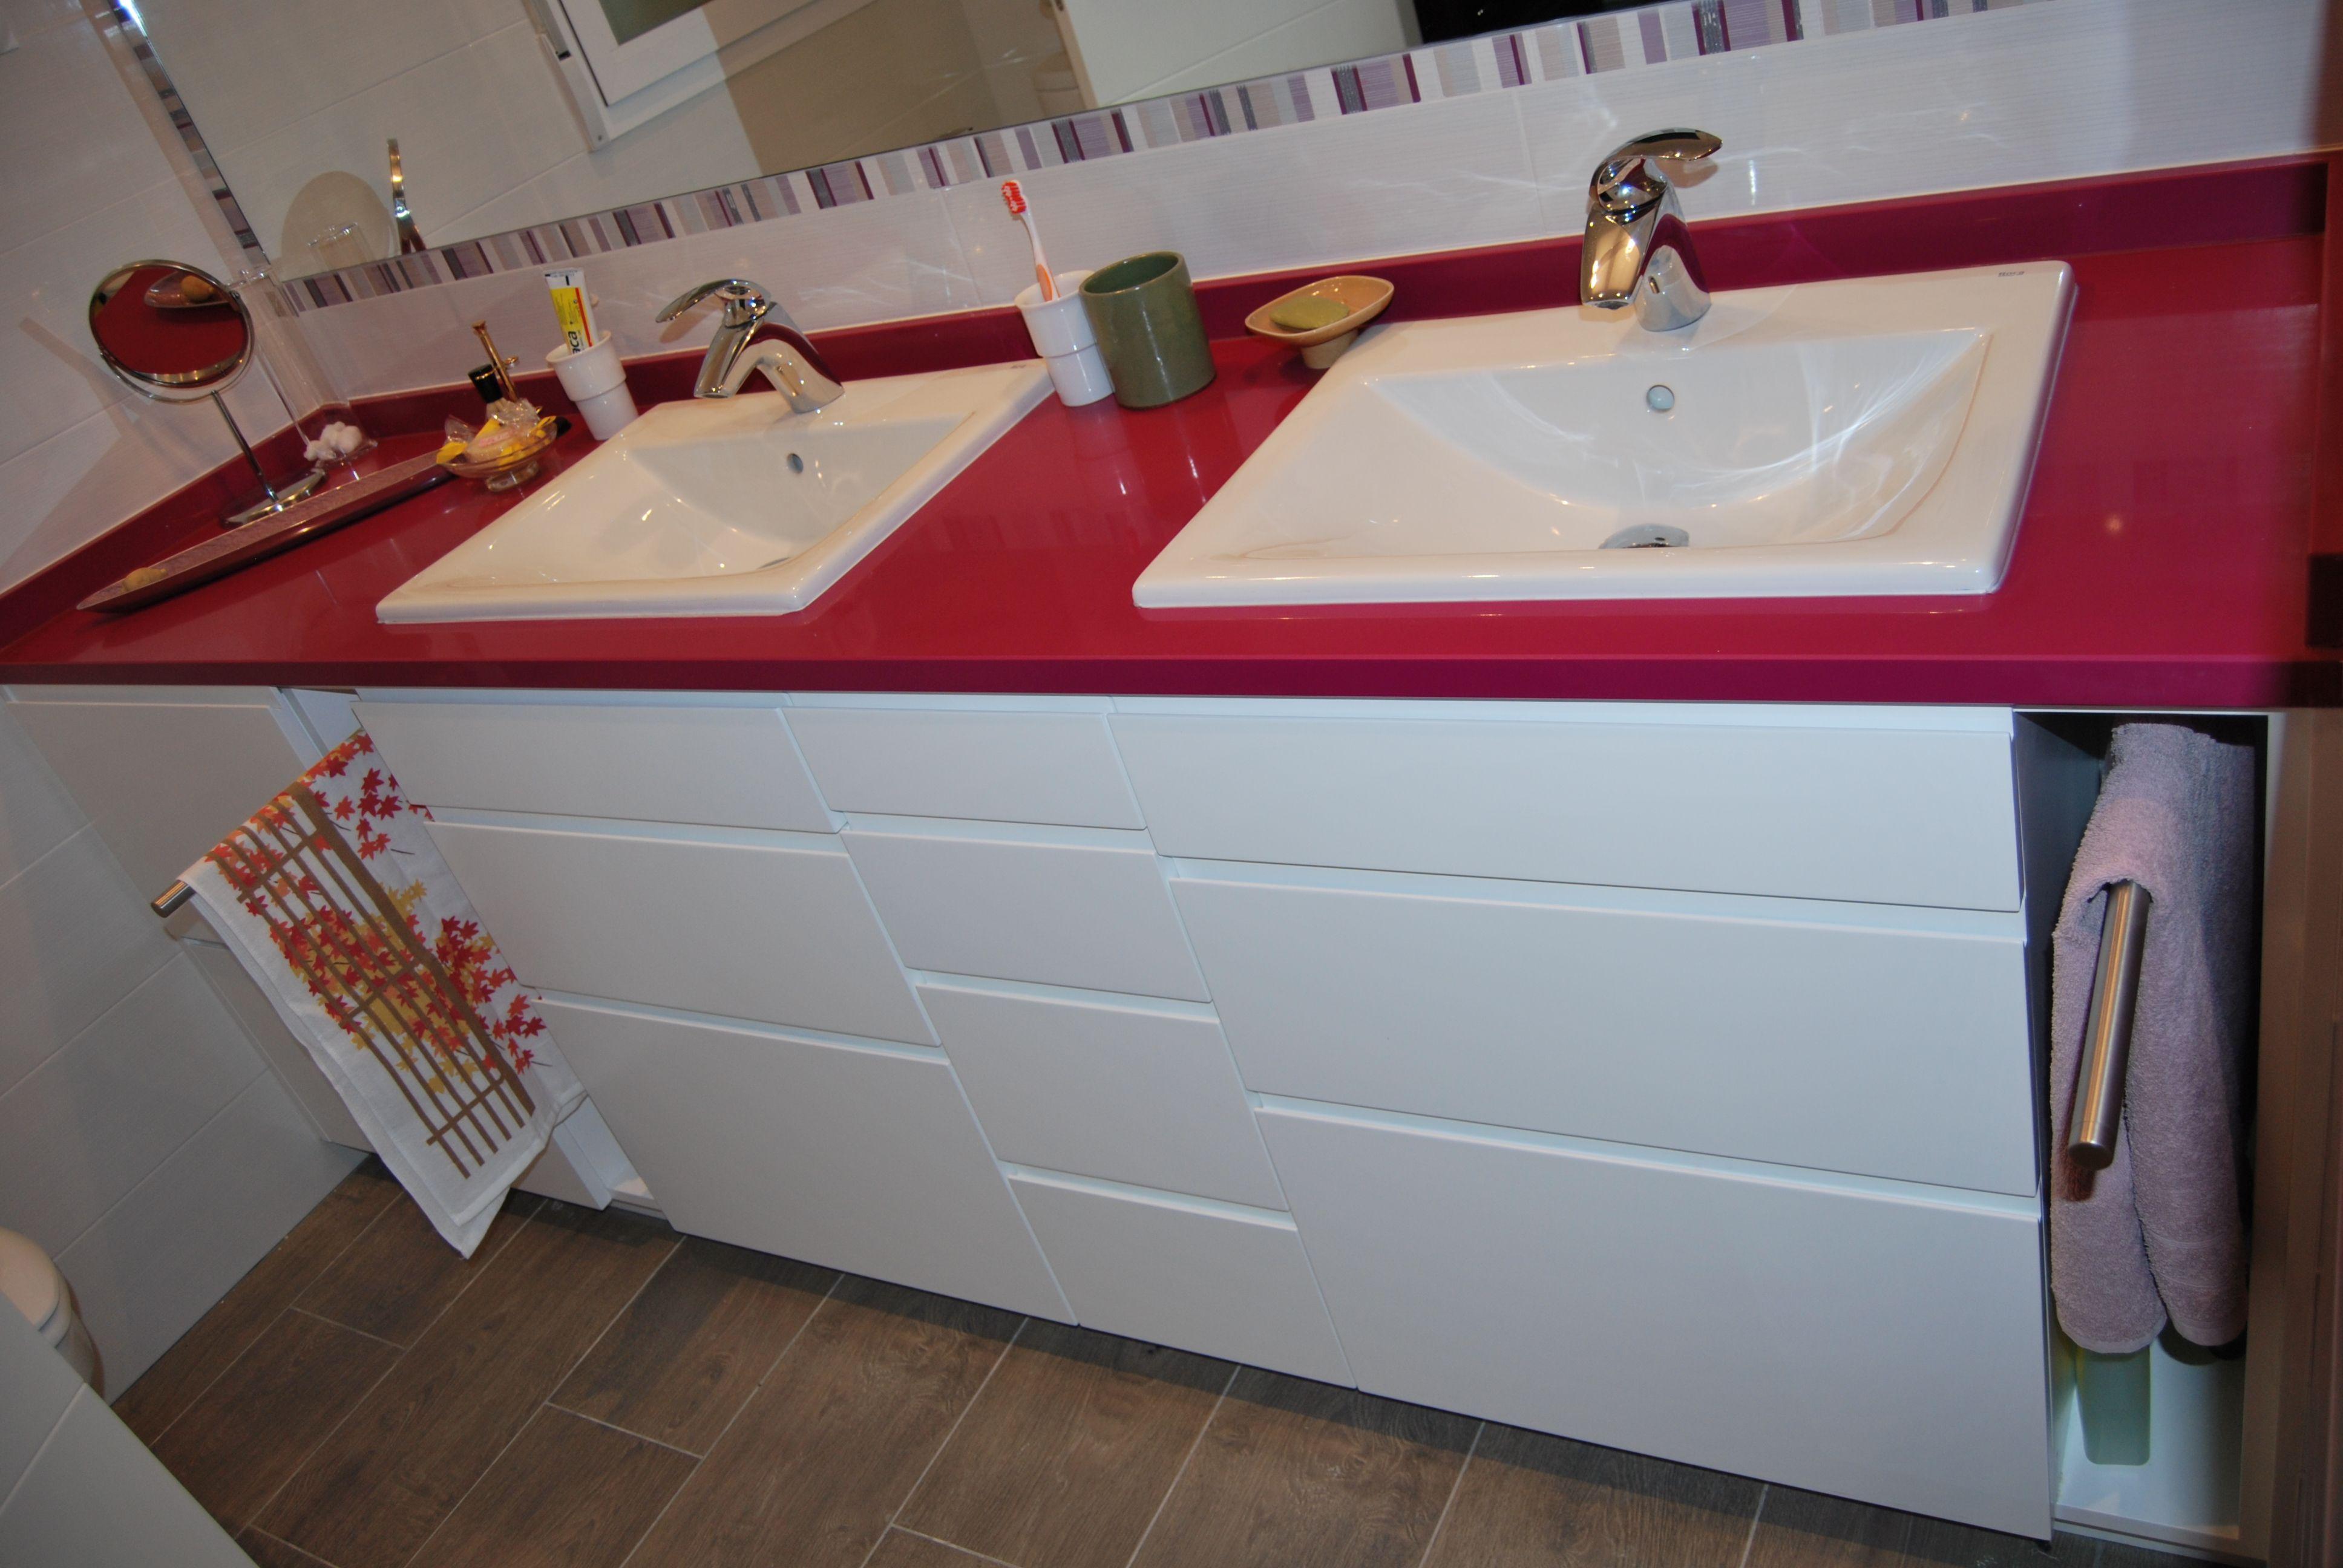 Mueble lacado con tirador de u ero y toallero extraible for Toallero extraible